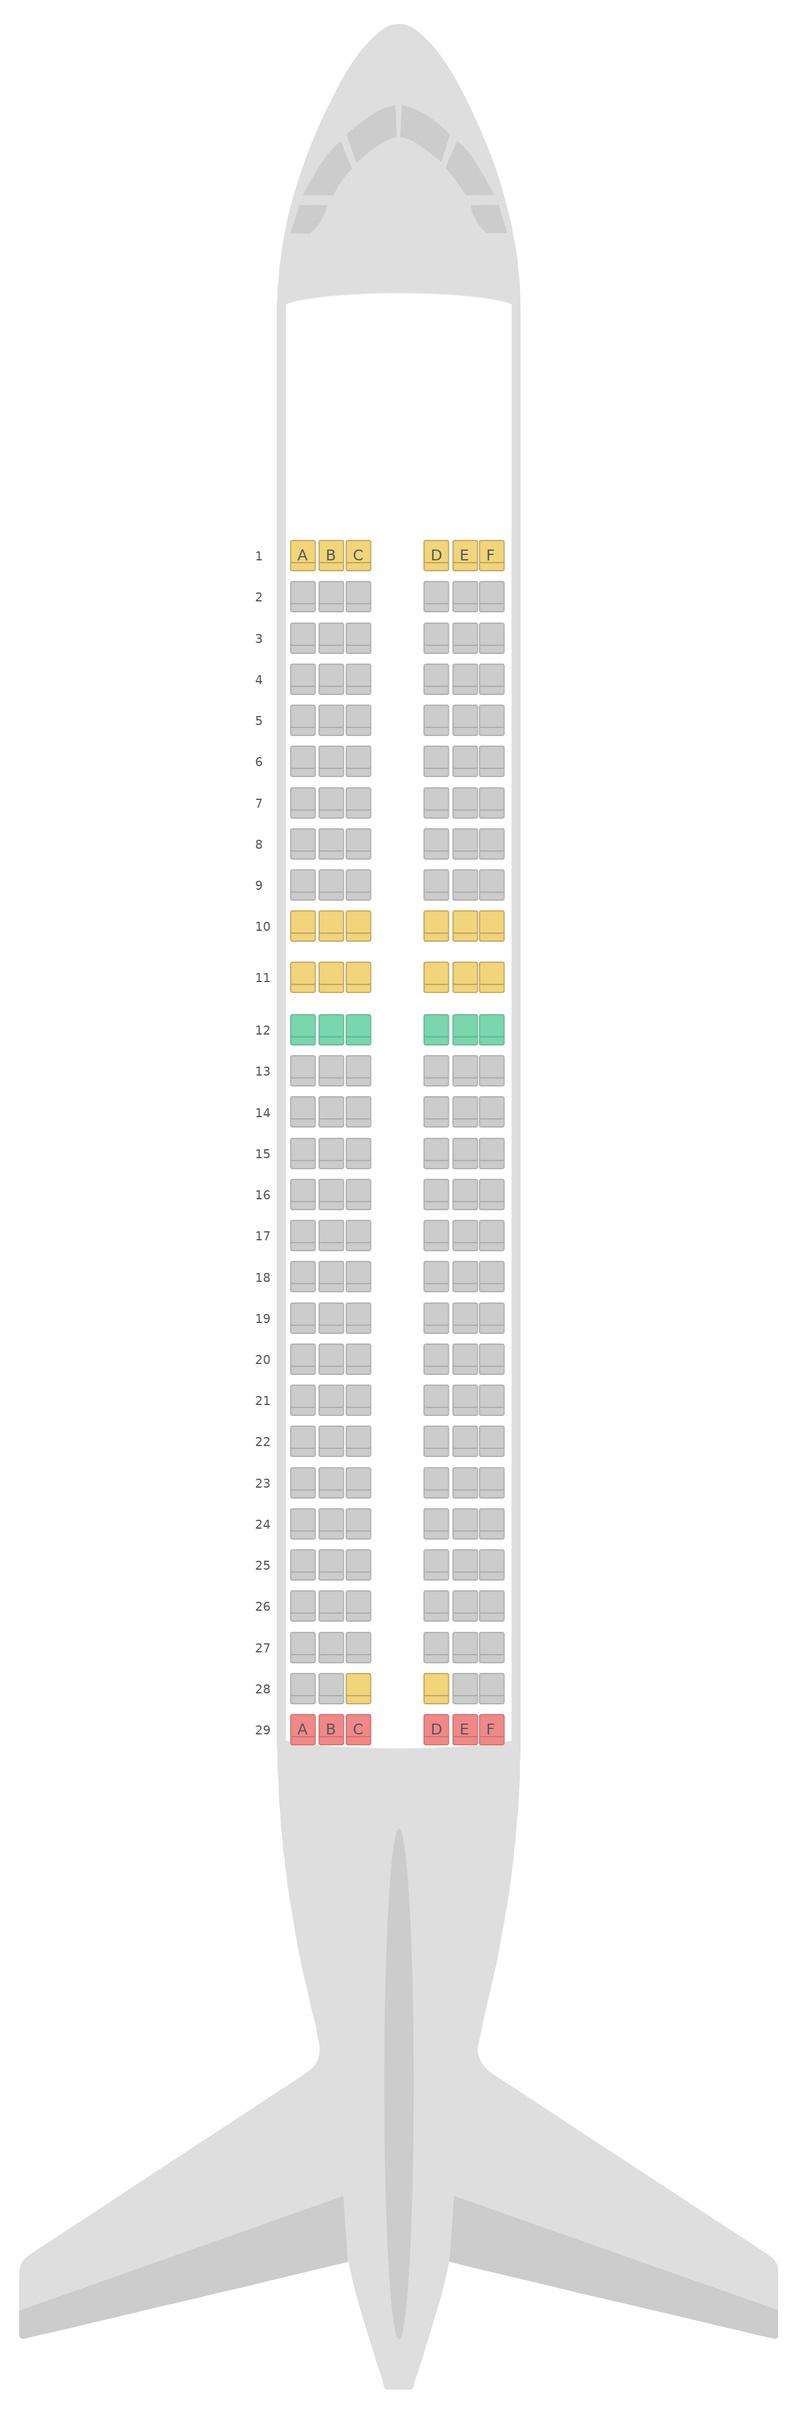 Схема салона Аэробус А320 нео (32N) Azul Airlines